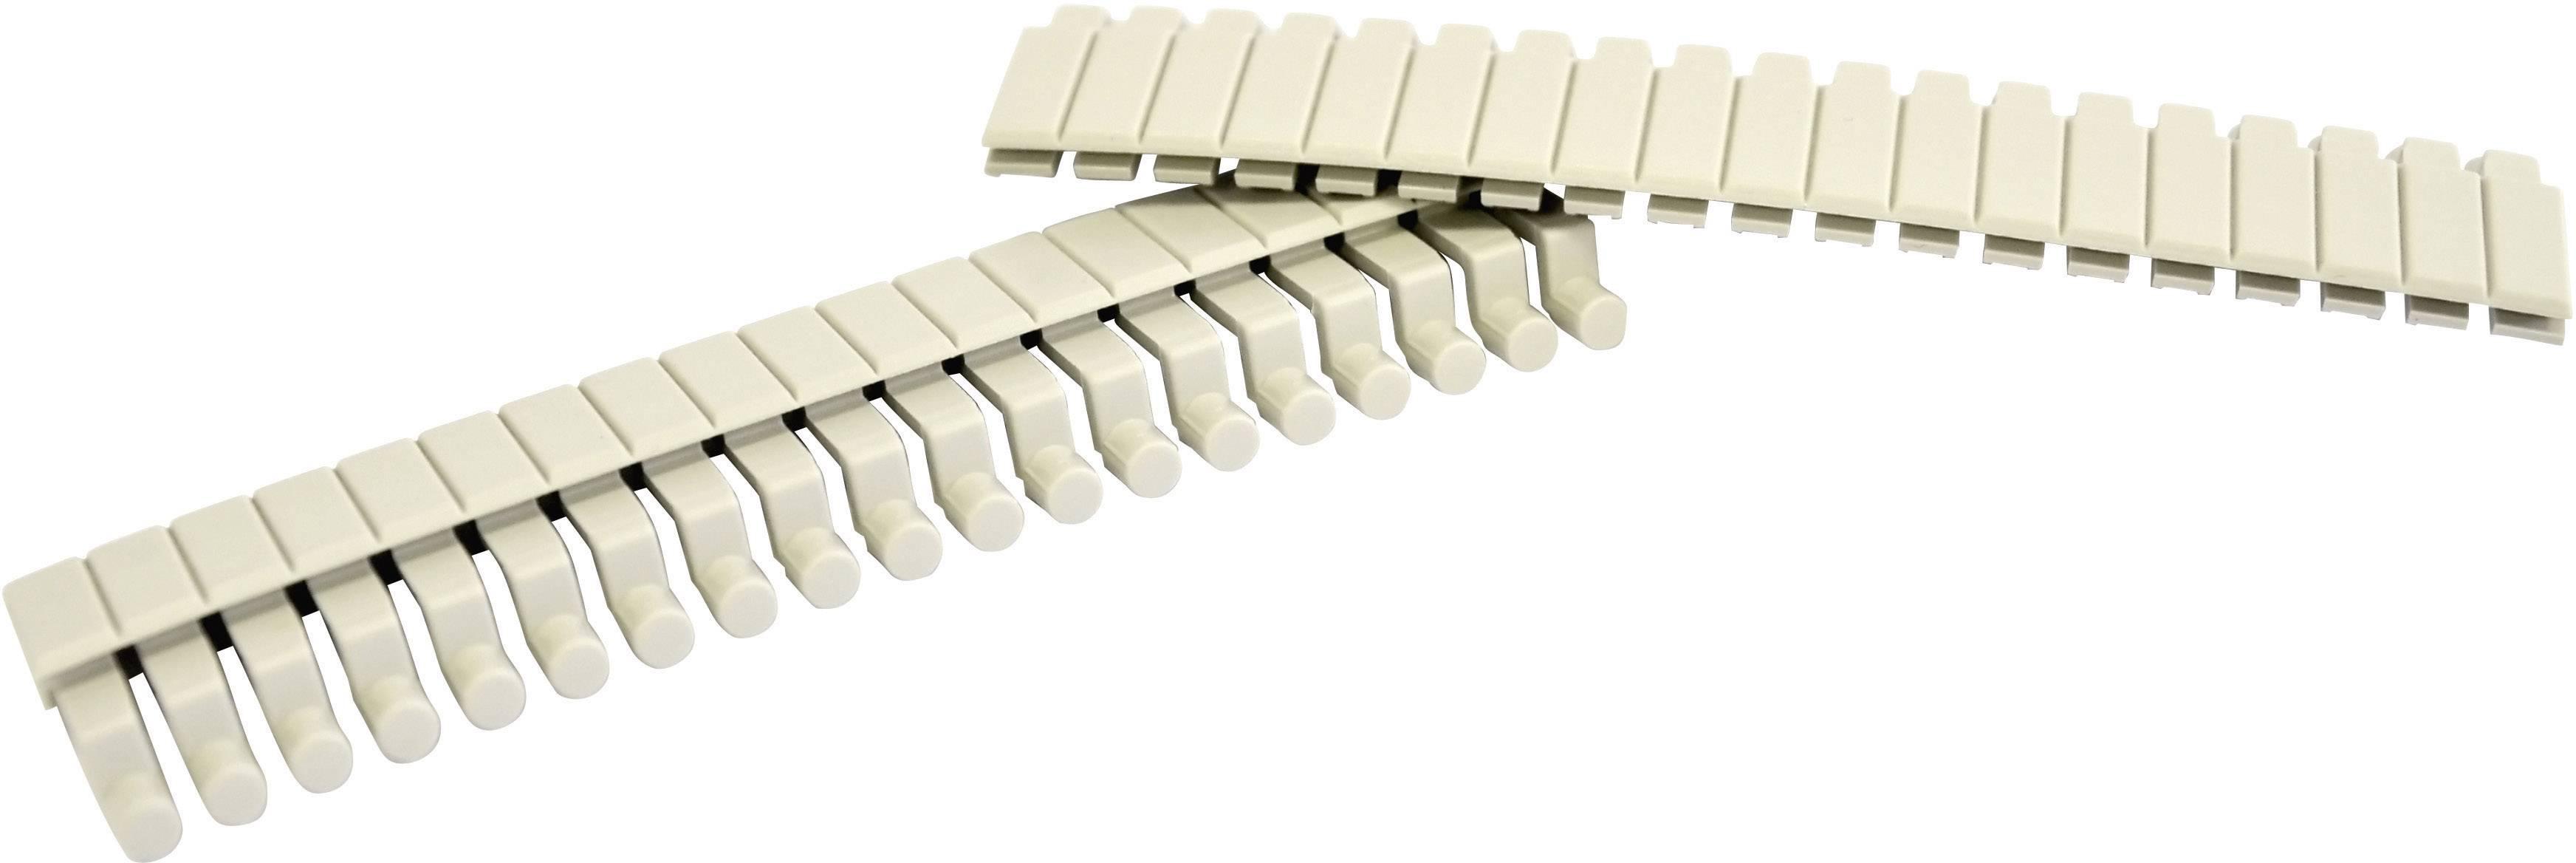 Záslepka Bopla CNB 100, umelá hmota, sivá, 2 ks